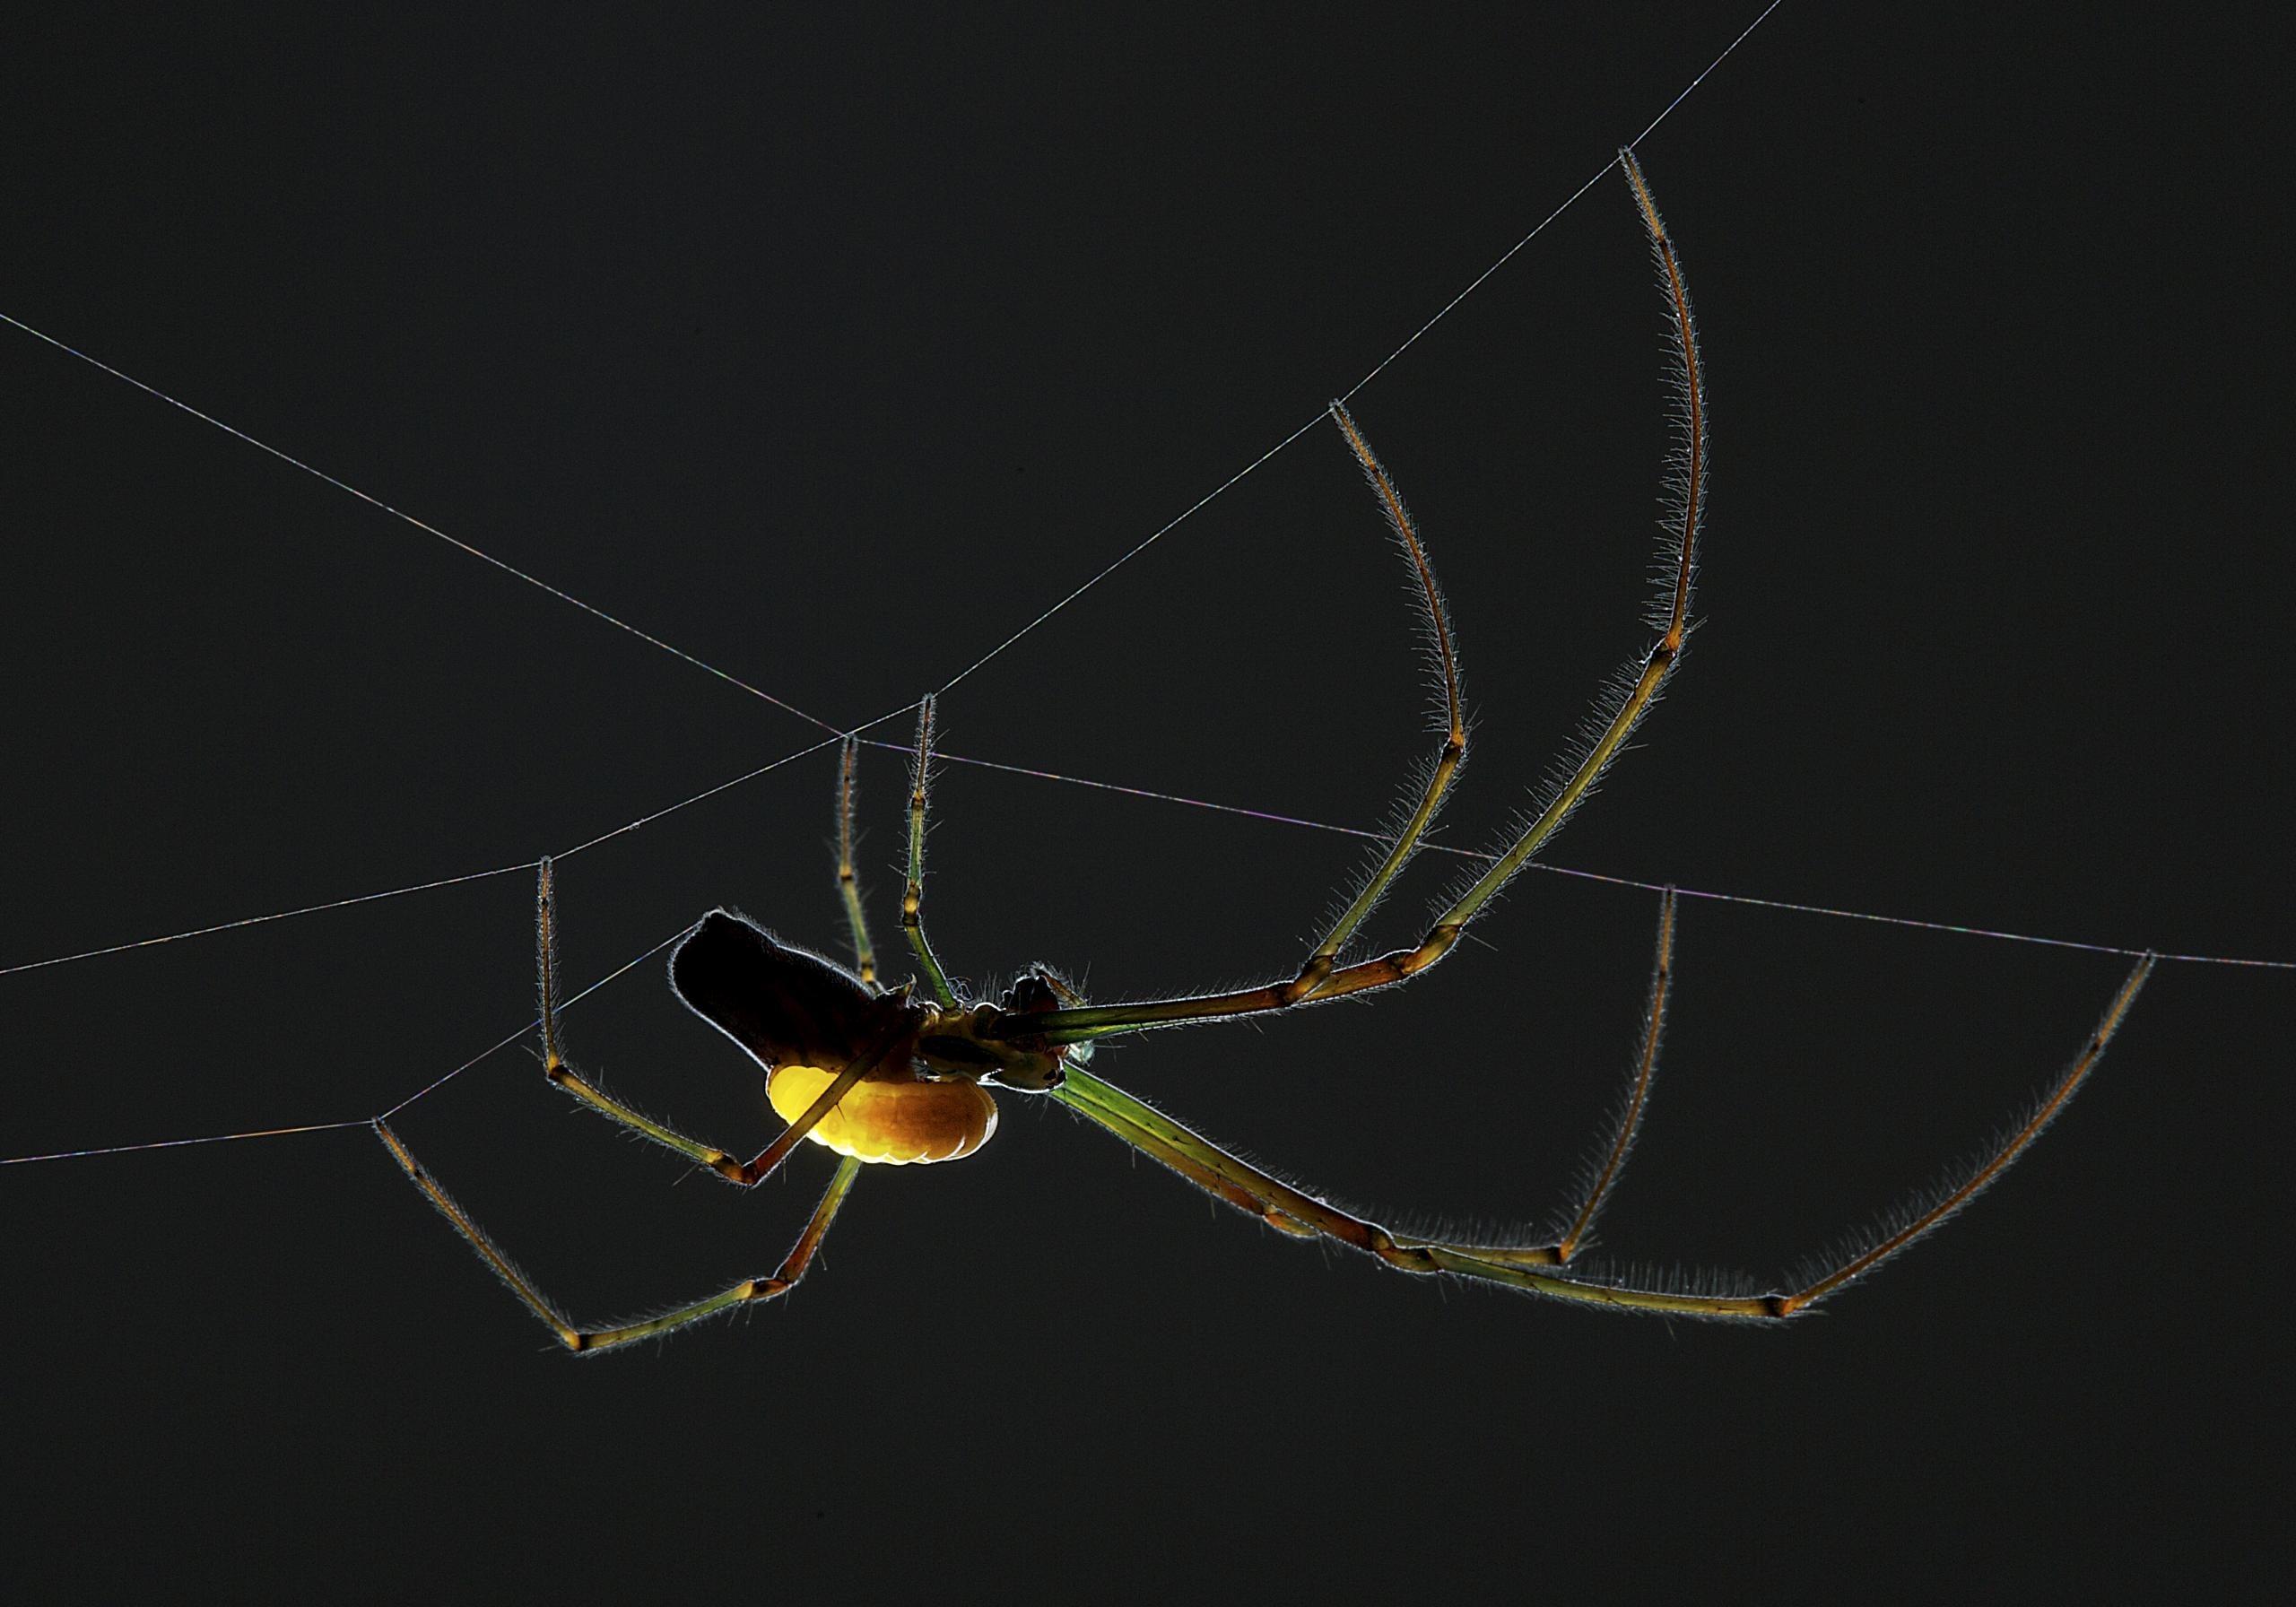 araignee-et-sa-larve-de-guepe-parasitaire-anand-varma